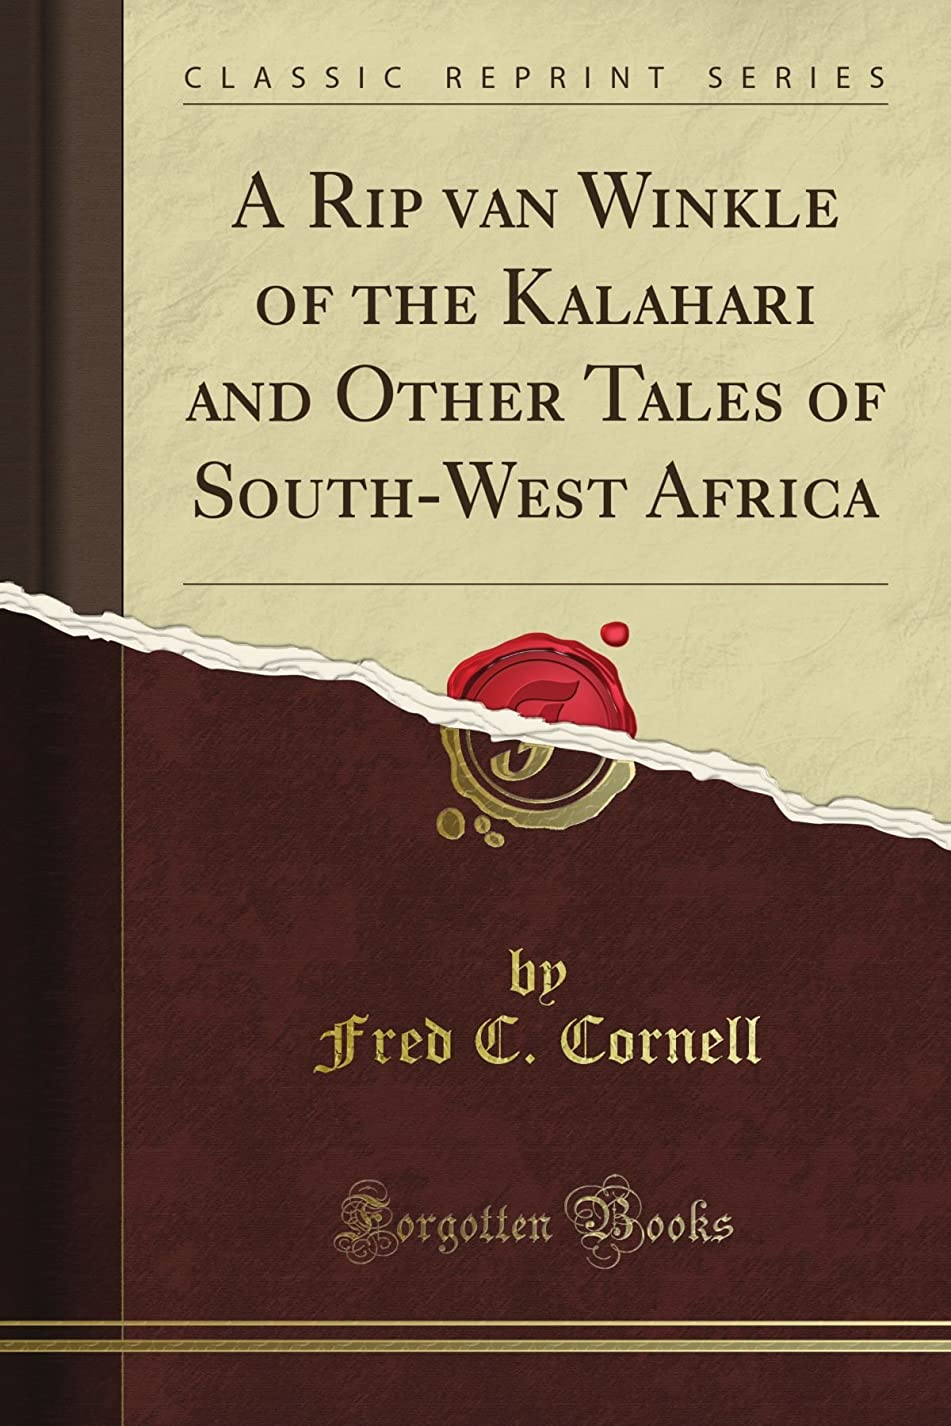 実り多い検閲破壊するA Rip van Winkle of the Kalahari and Other Tales of South-West Africa (Classic Reprint)